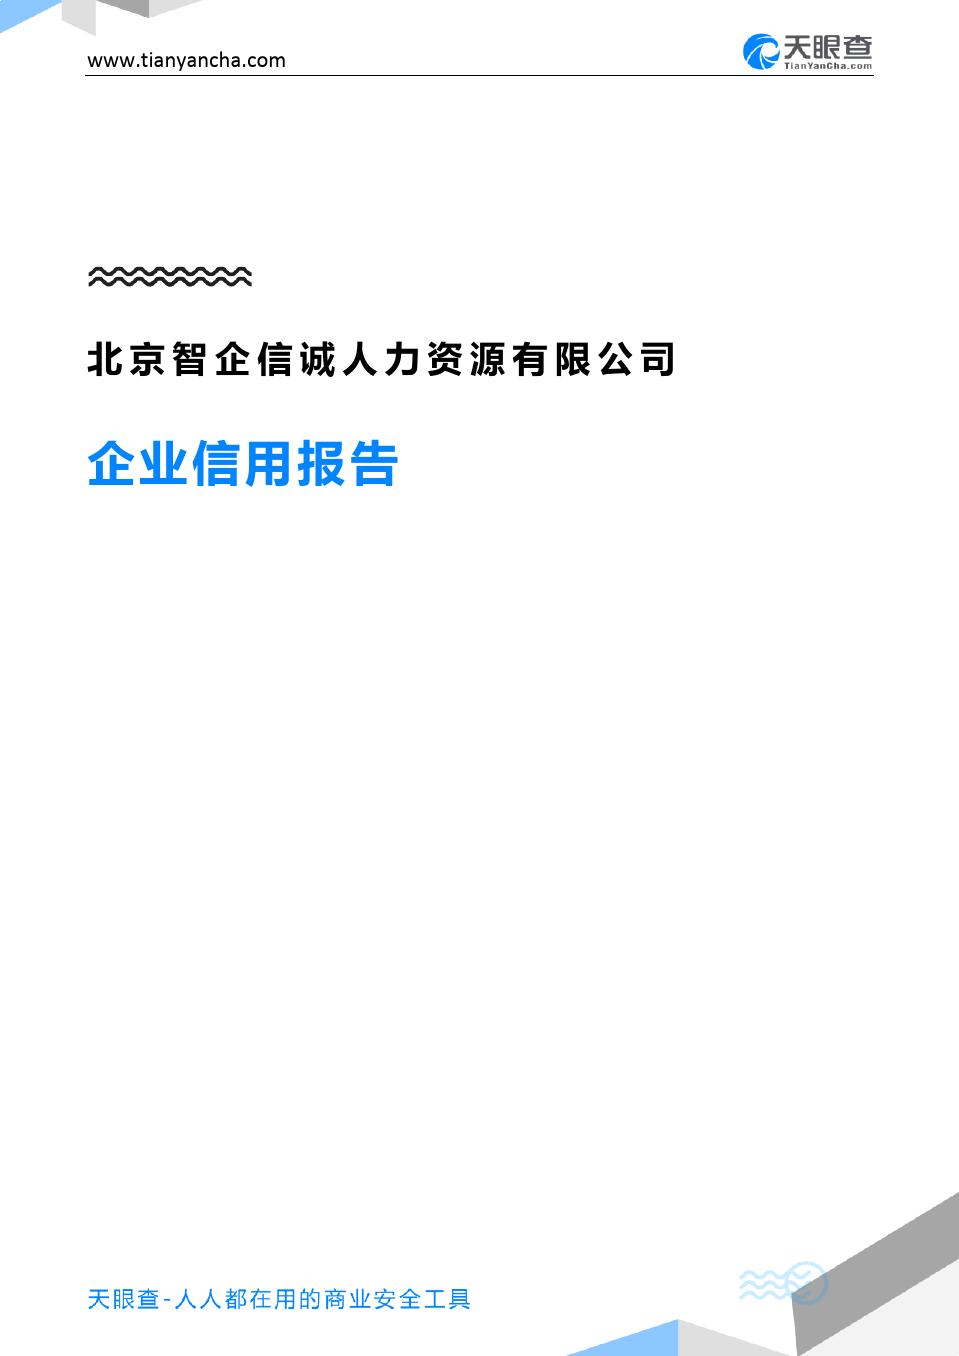 北京智企信诚人力资源有限公司企业信用报告-天眼查